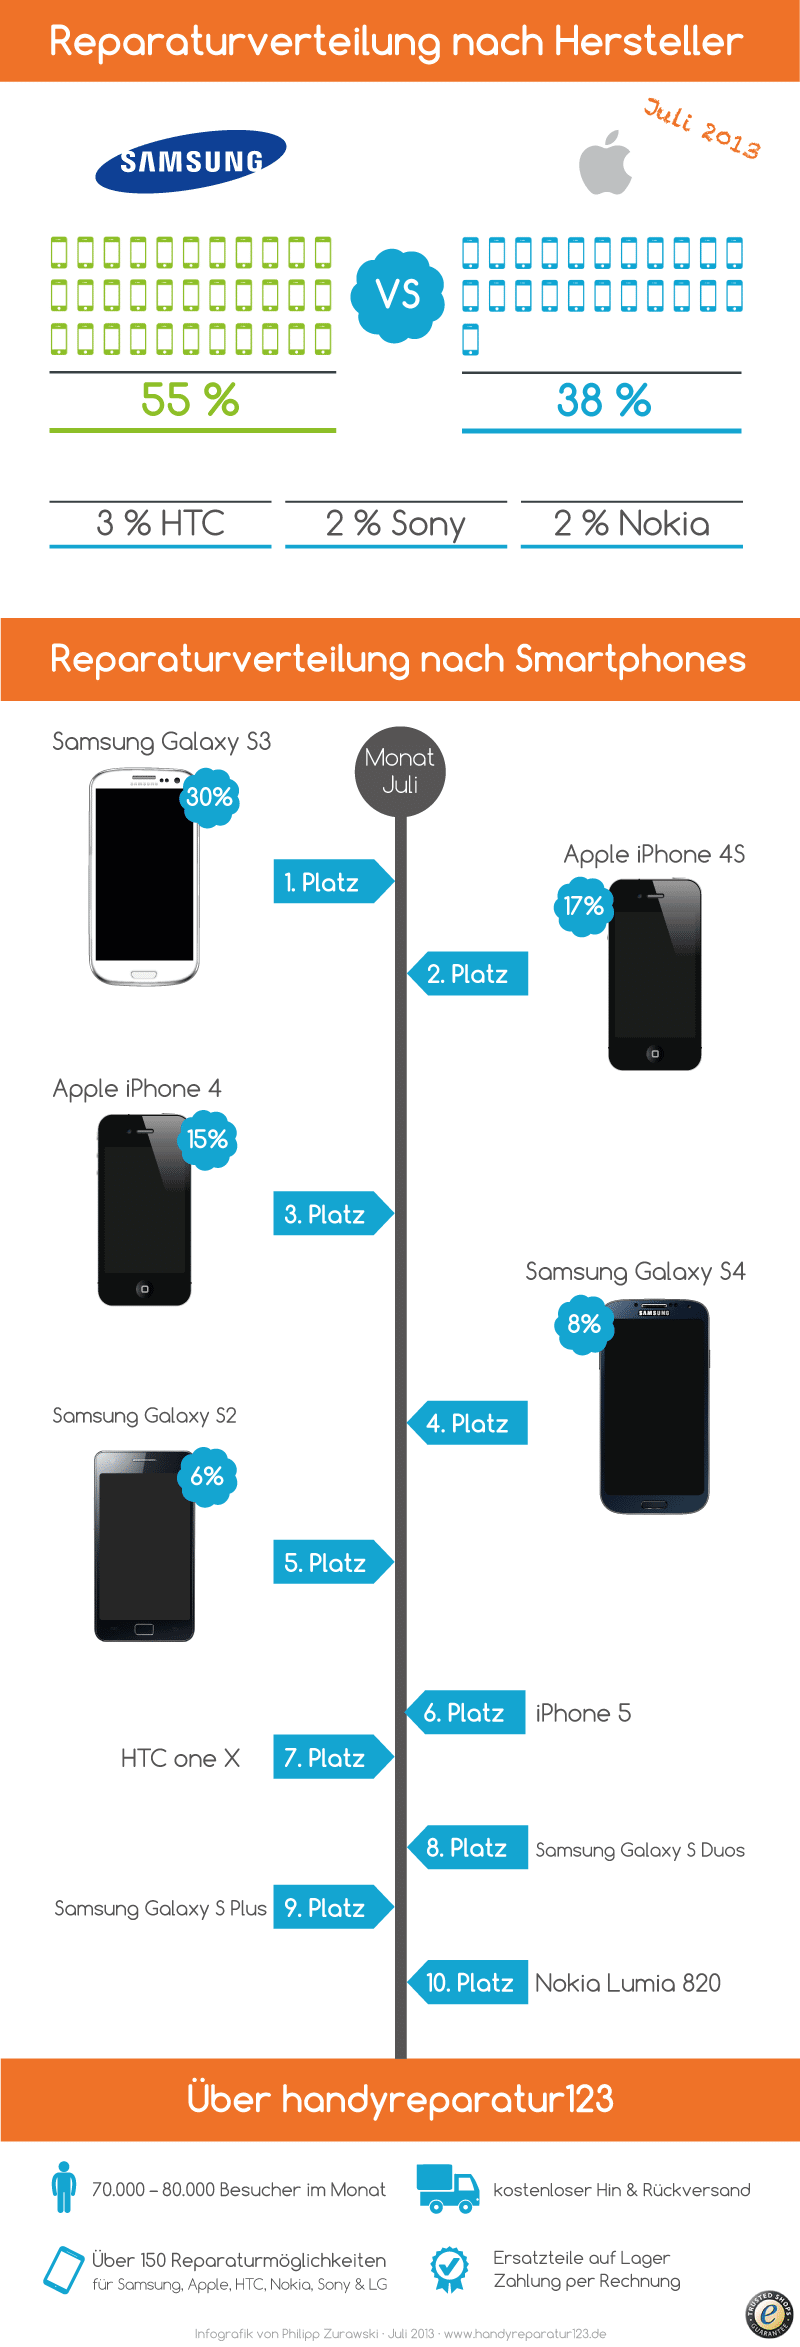 Infografik über repariete Handys und Hersteller im Juli auf handyreparatur123